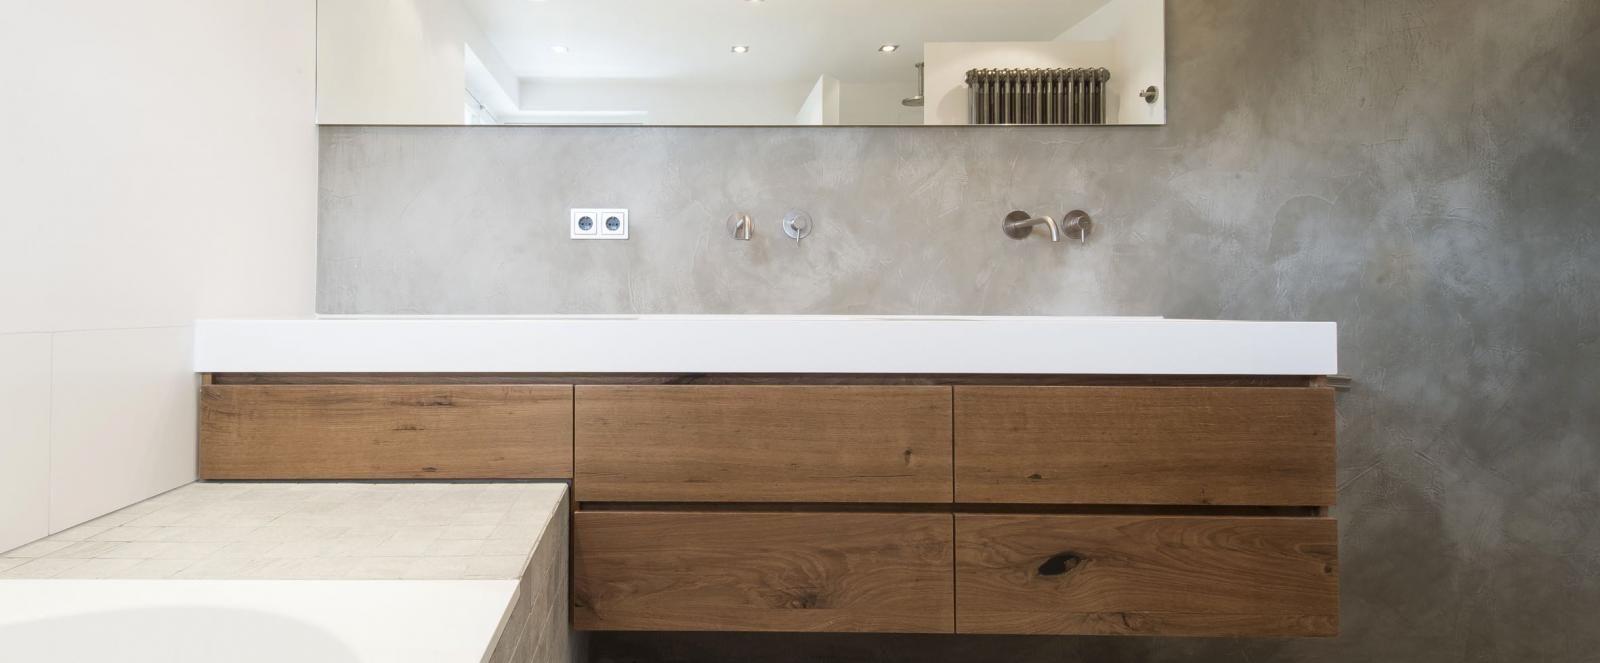 moderne eigentijdse badkamer met maatwerk badkamermeubel en micro